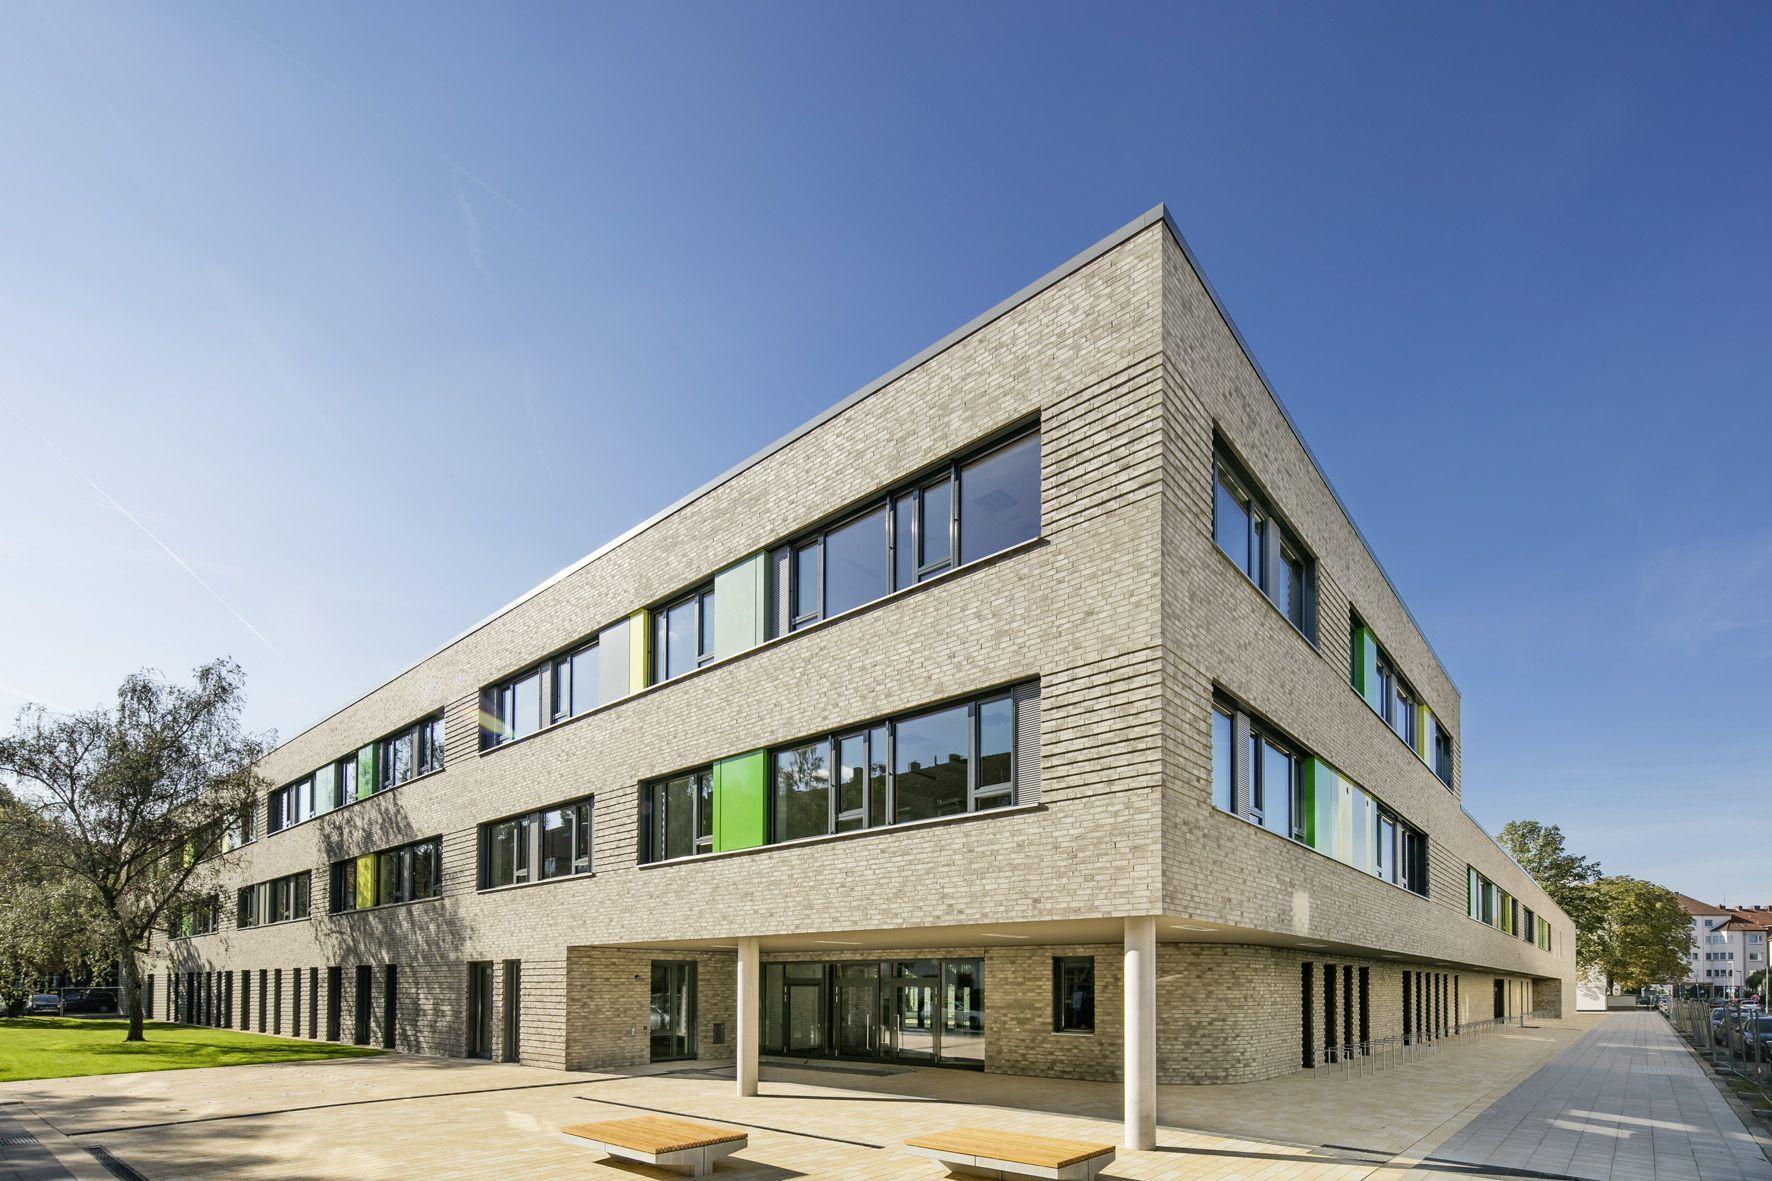 Front: Das neue Bildungszentrum stellt einen entscheidenden Stadtbaustein in der Südstadt dar.